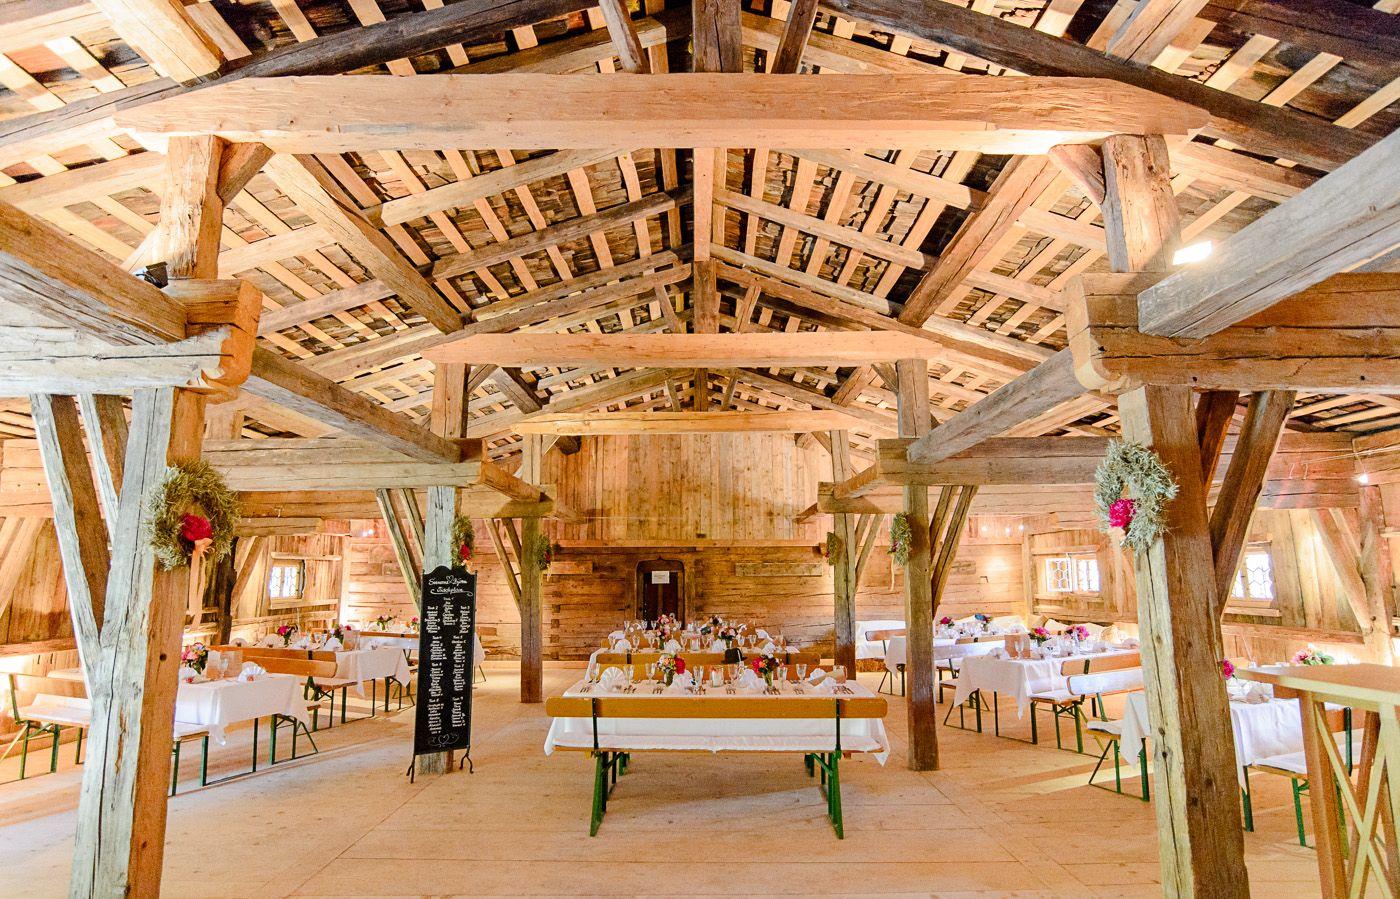 Idylle Pur Blende11 Fotografen Hochzeitslocation Hochzeit Location Almhutte